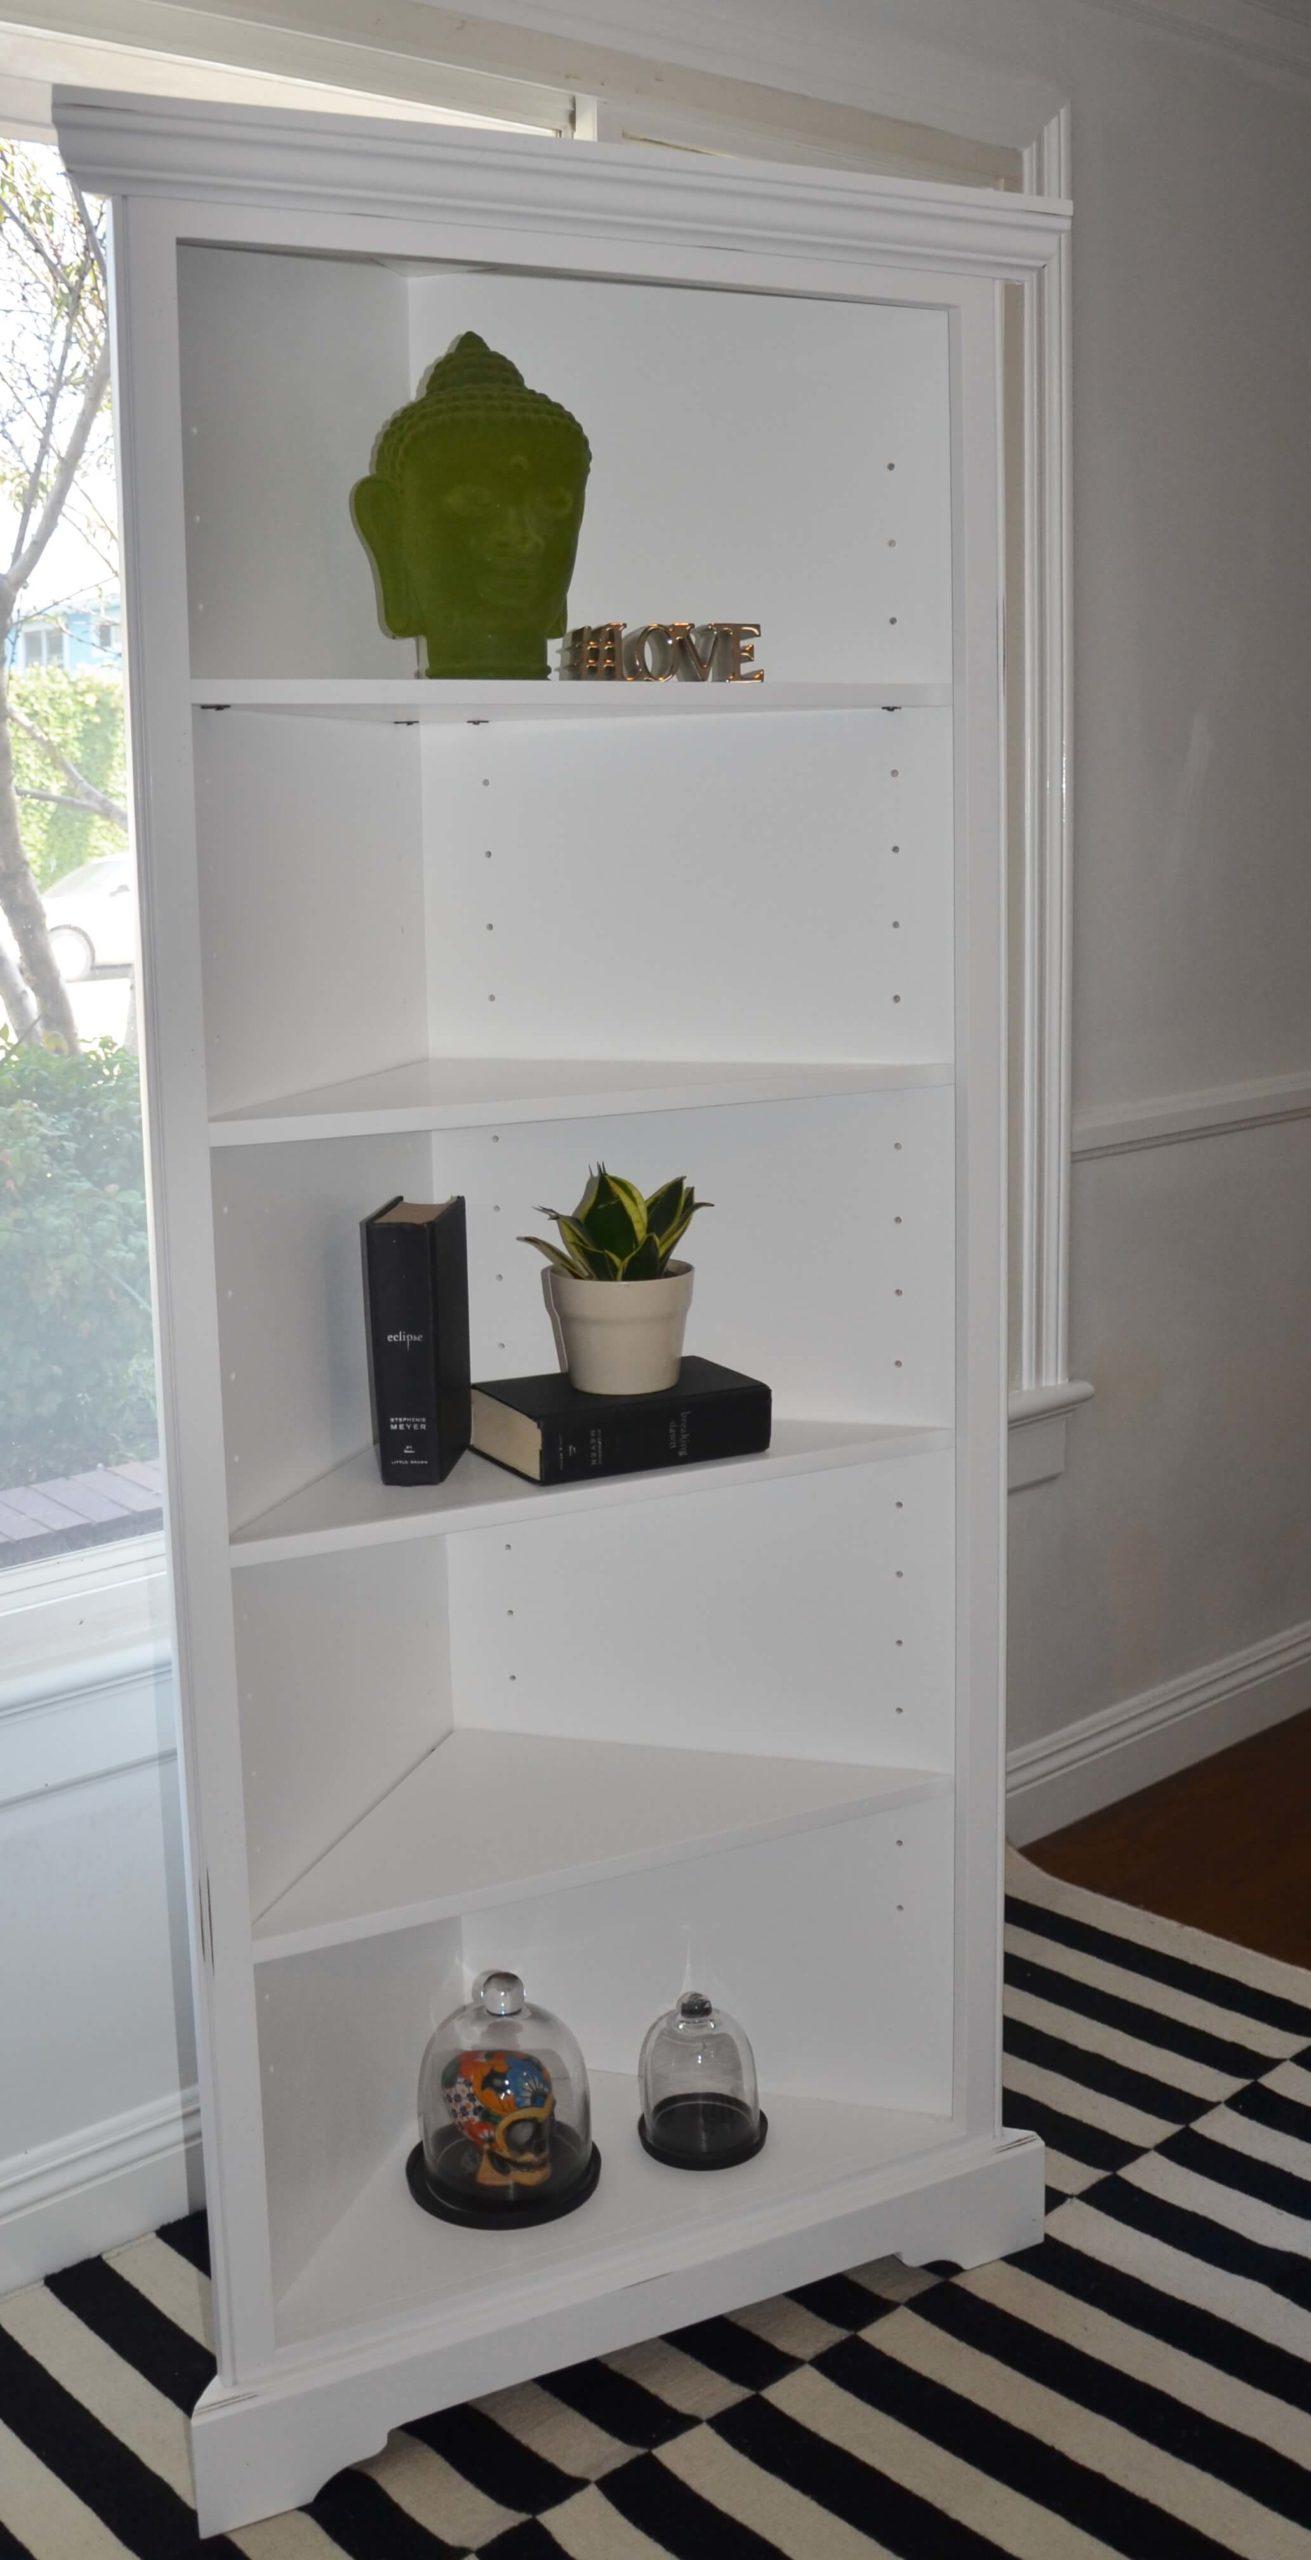 Barcelona Corner Bookshelf with Four Shelves